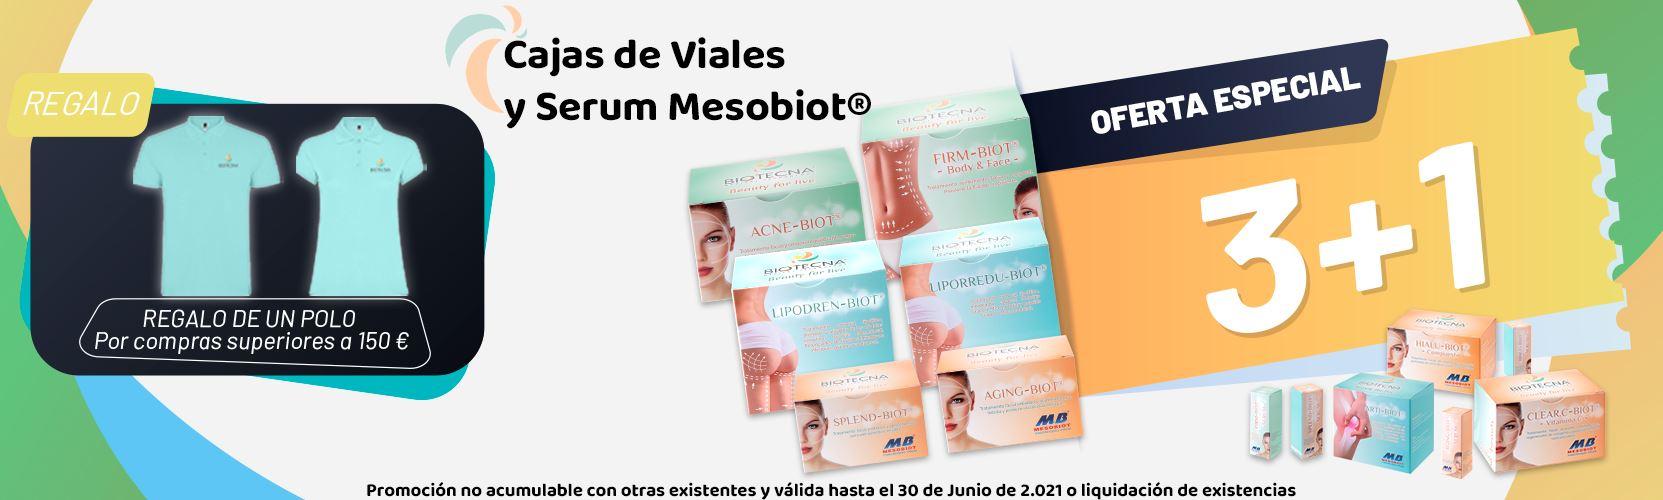 Cajas-de-Viales-Mesobiot